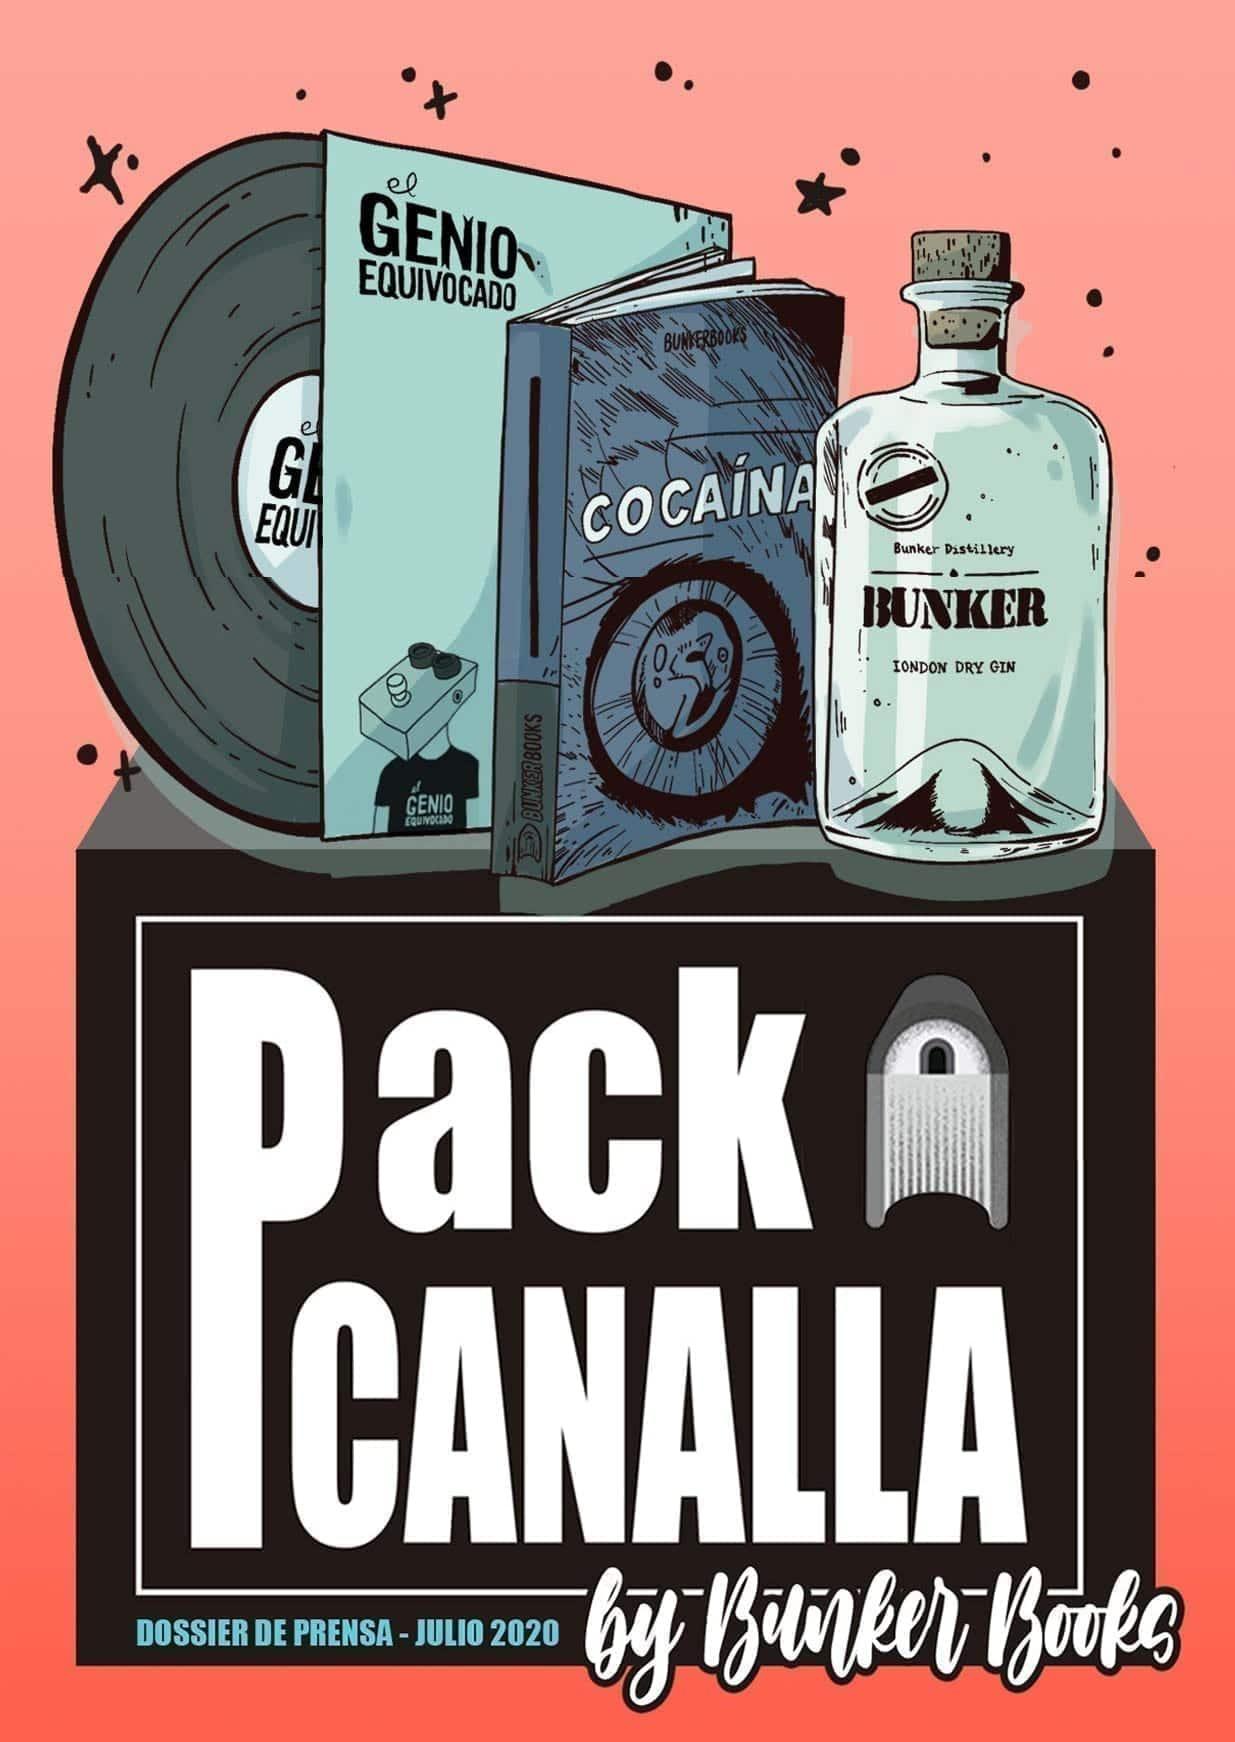 El Pack Canalla